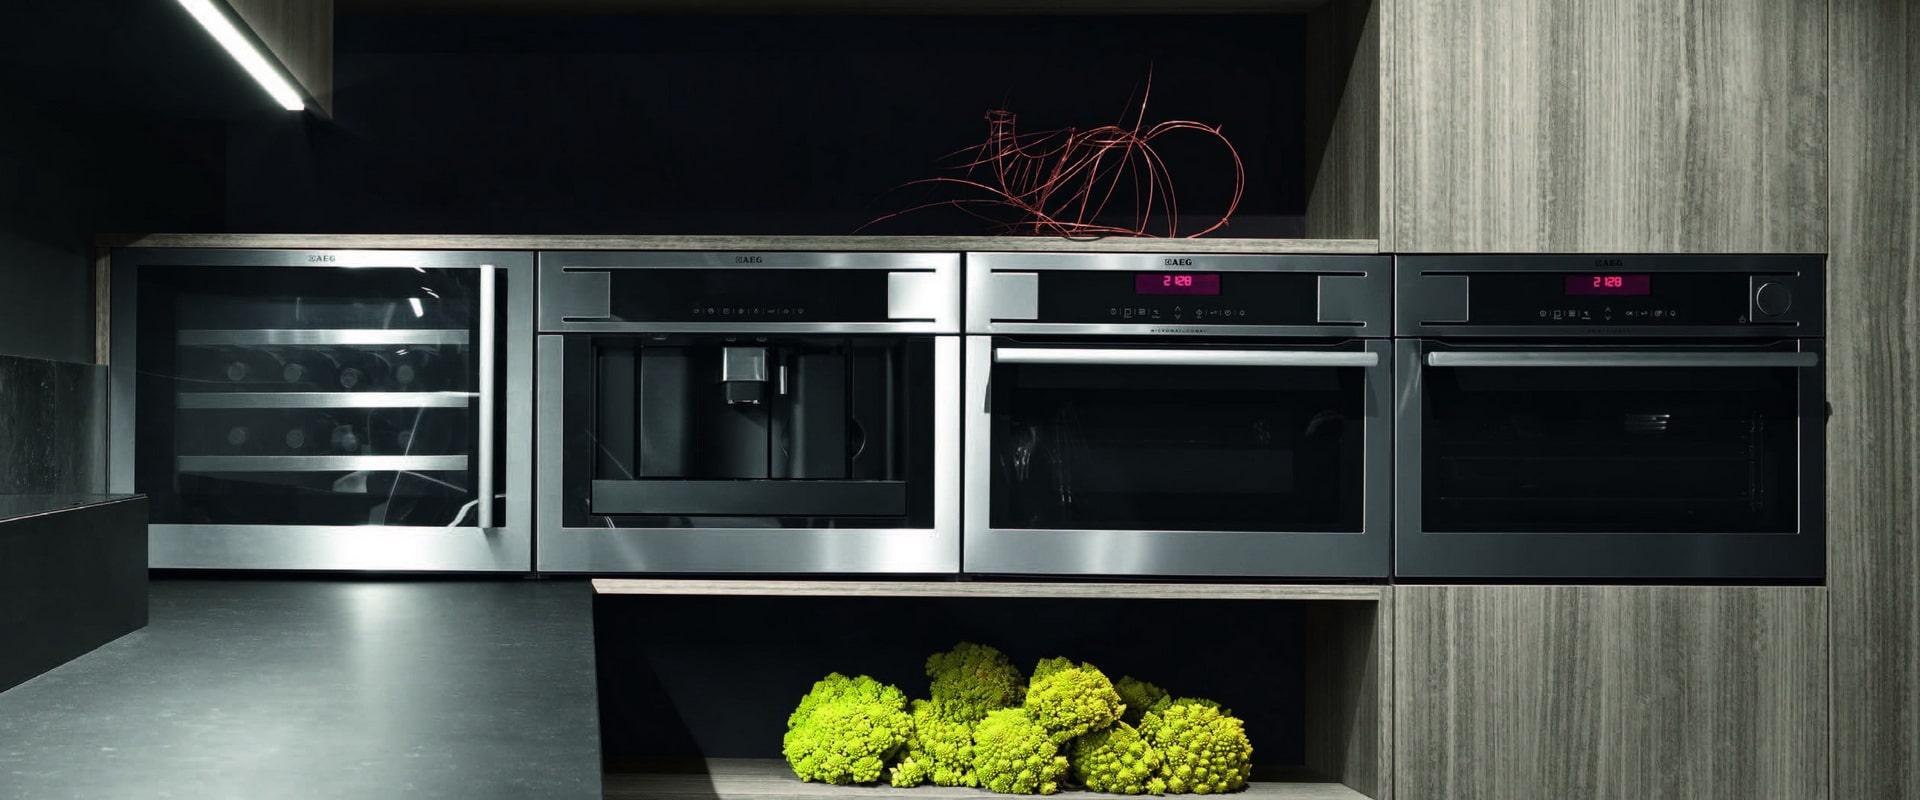 Cucine Binova - Cucine Moderne di Design - Showroom Binova Milano in via Durini 17 - 03